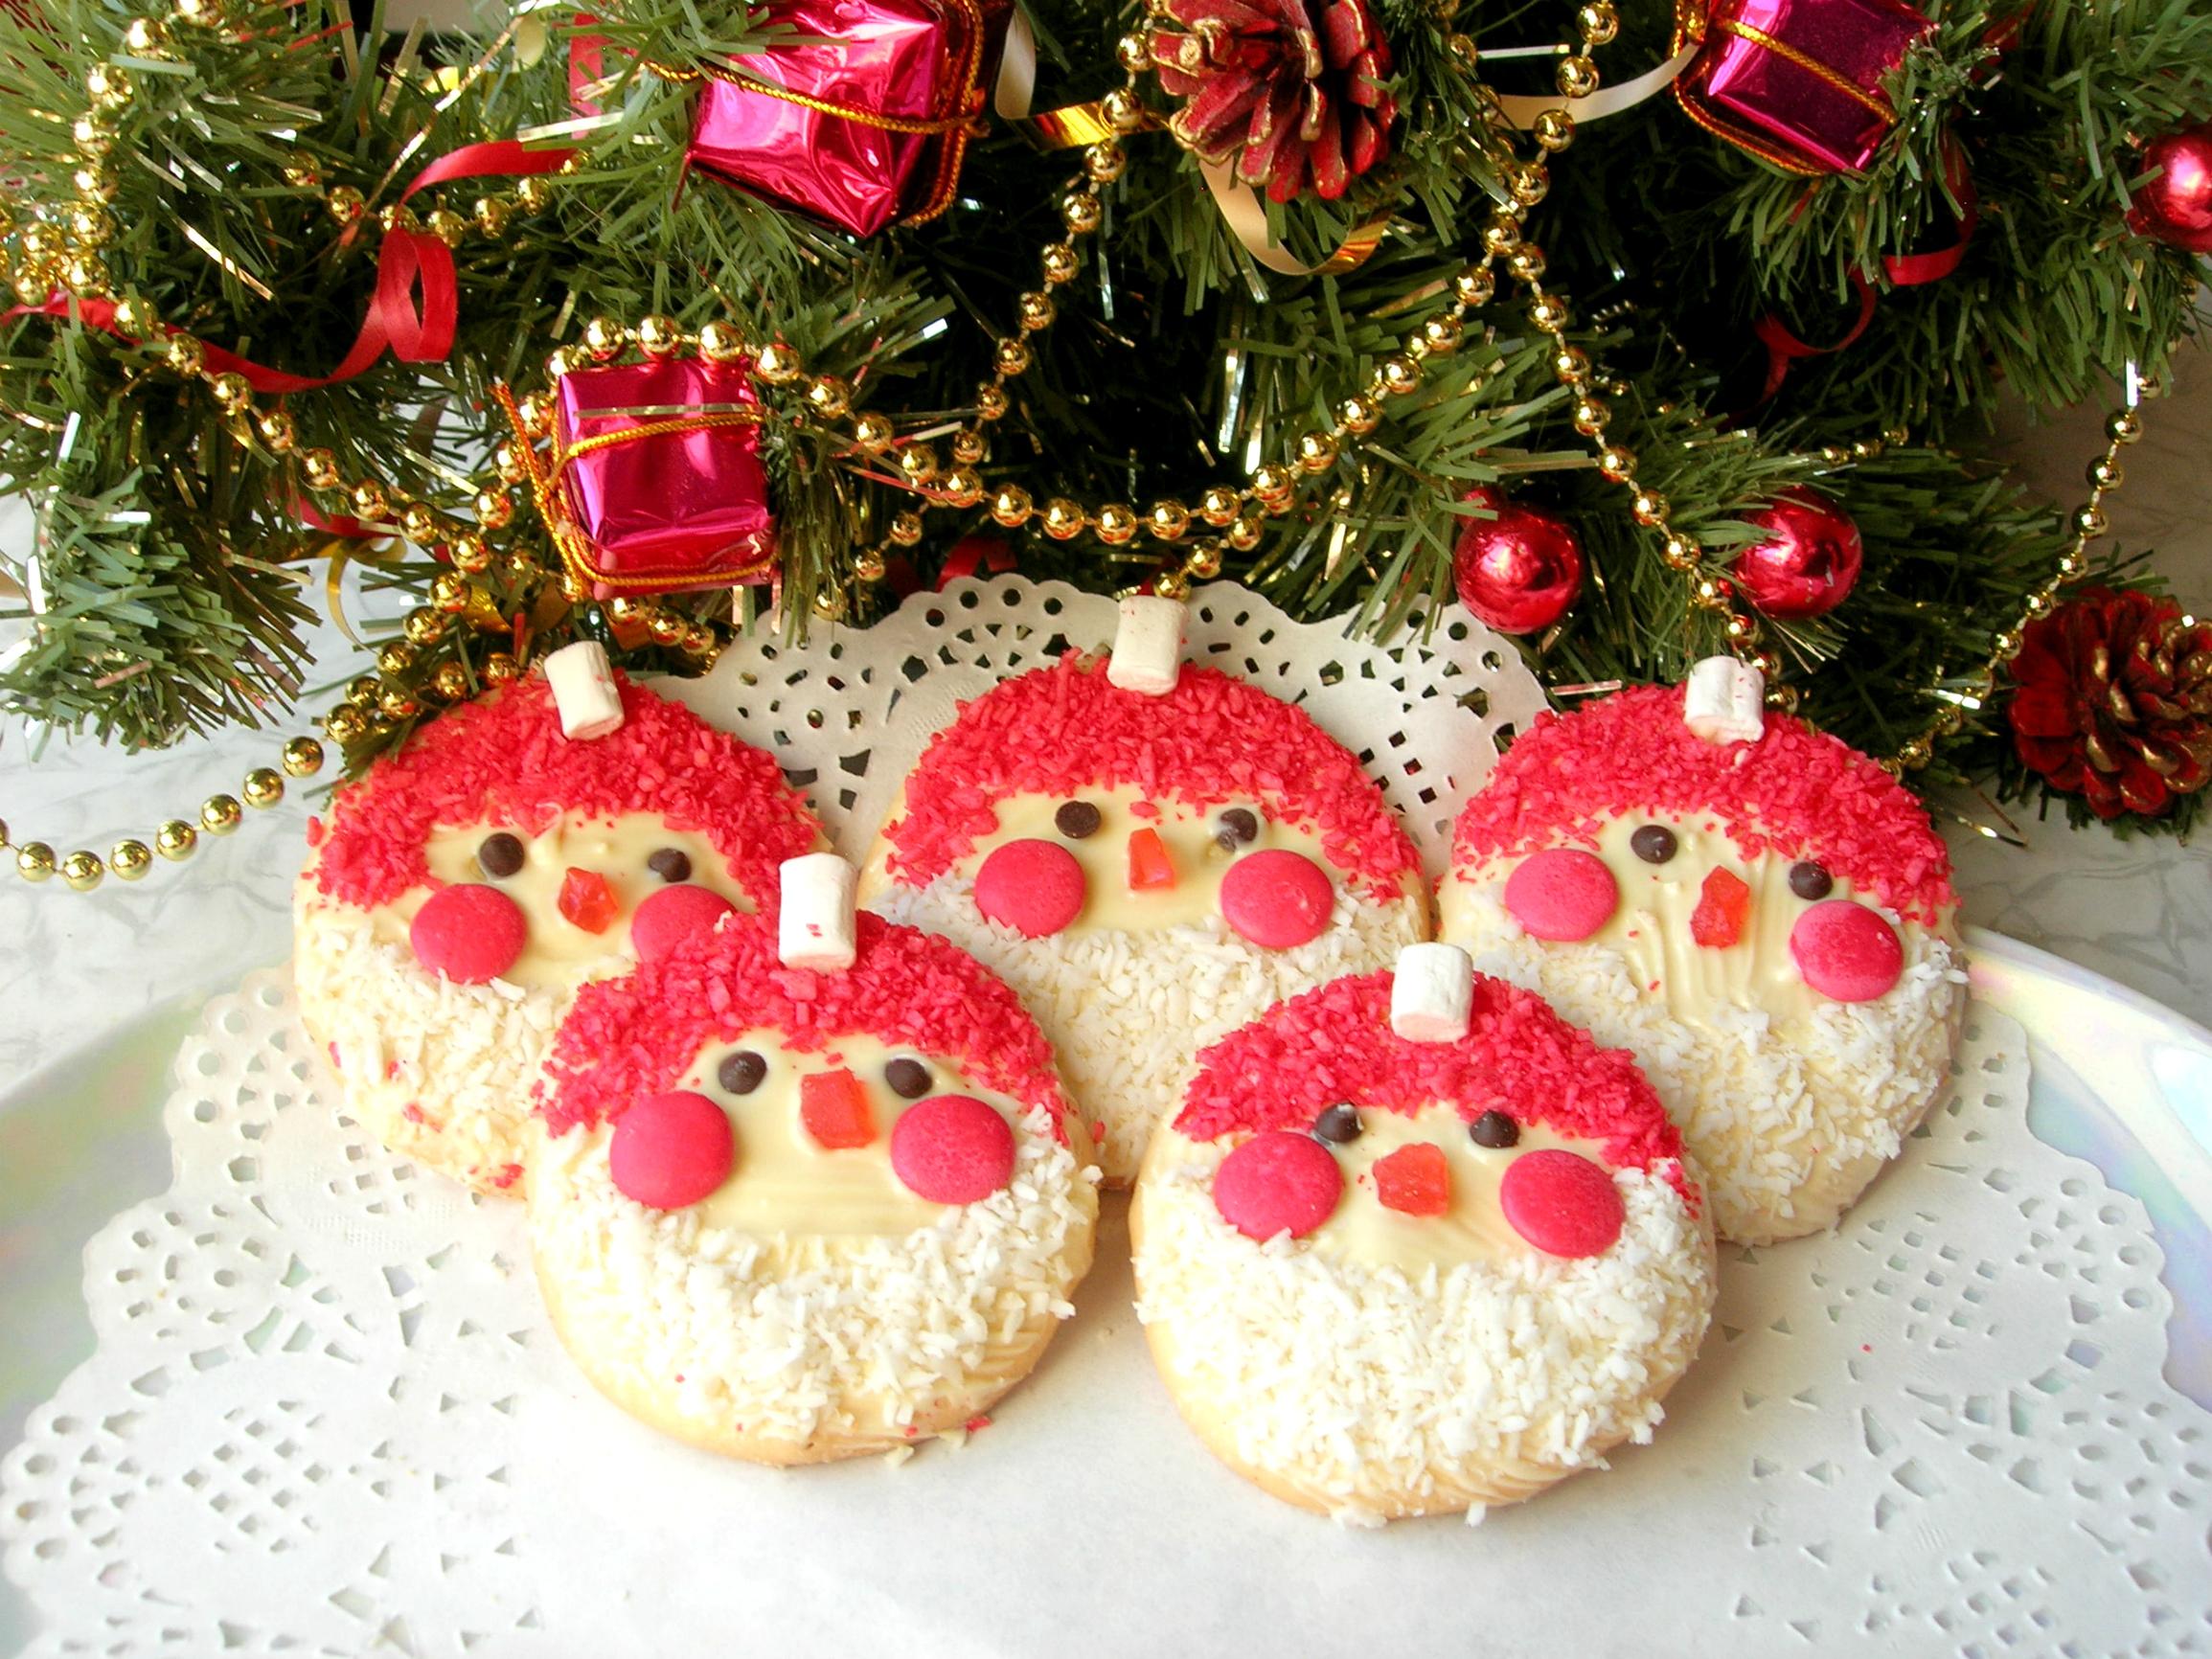 Новогодний десерт «Дед Мороз». Простая идея, которая удивит гостей! выпечка,дед мороз,десерты,кулинария,новогодний десерт,печенье,рецепты